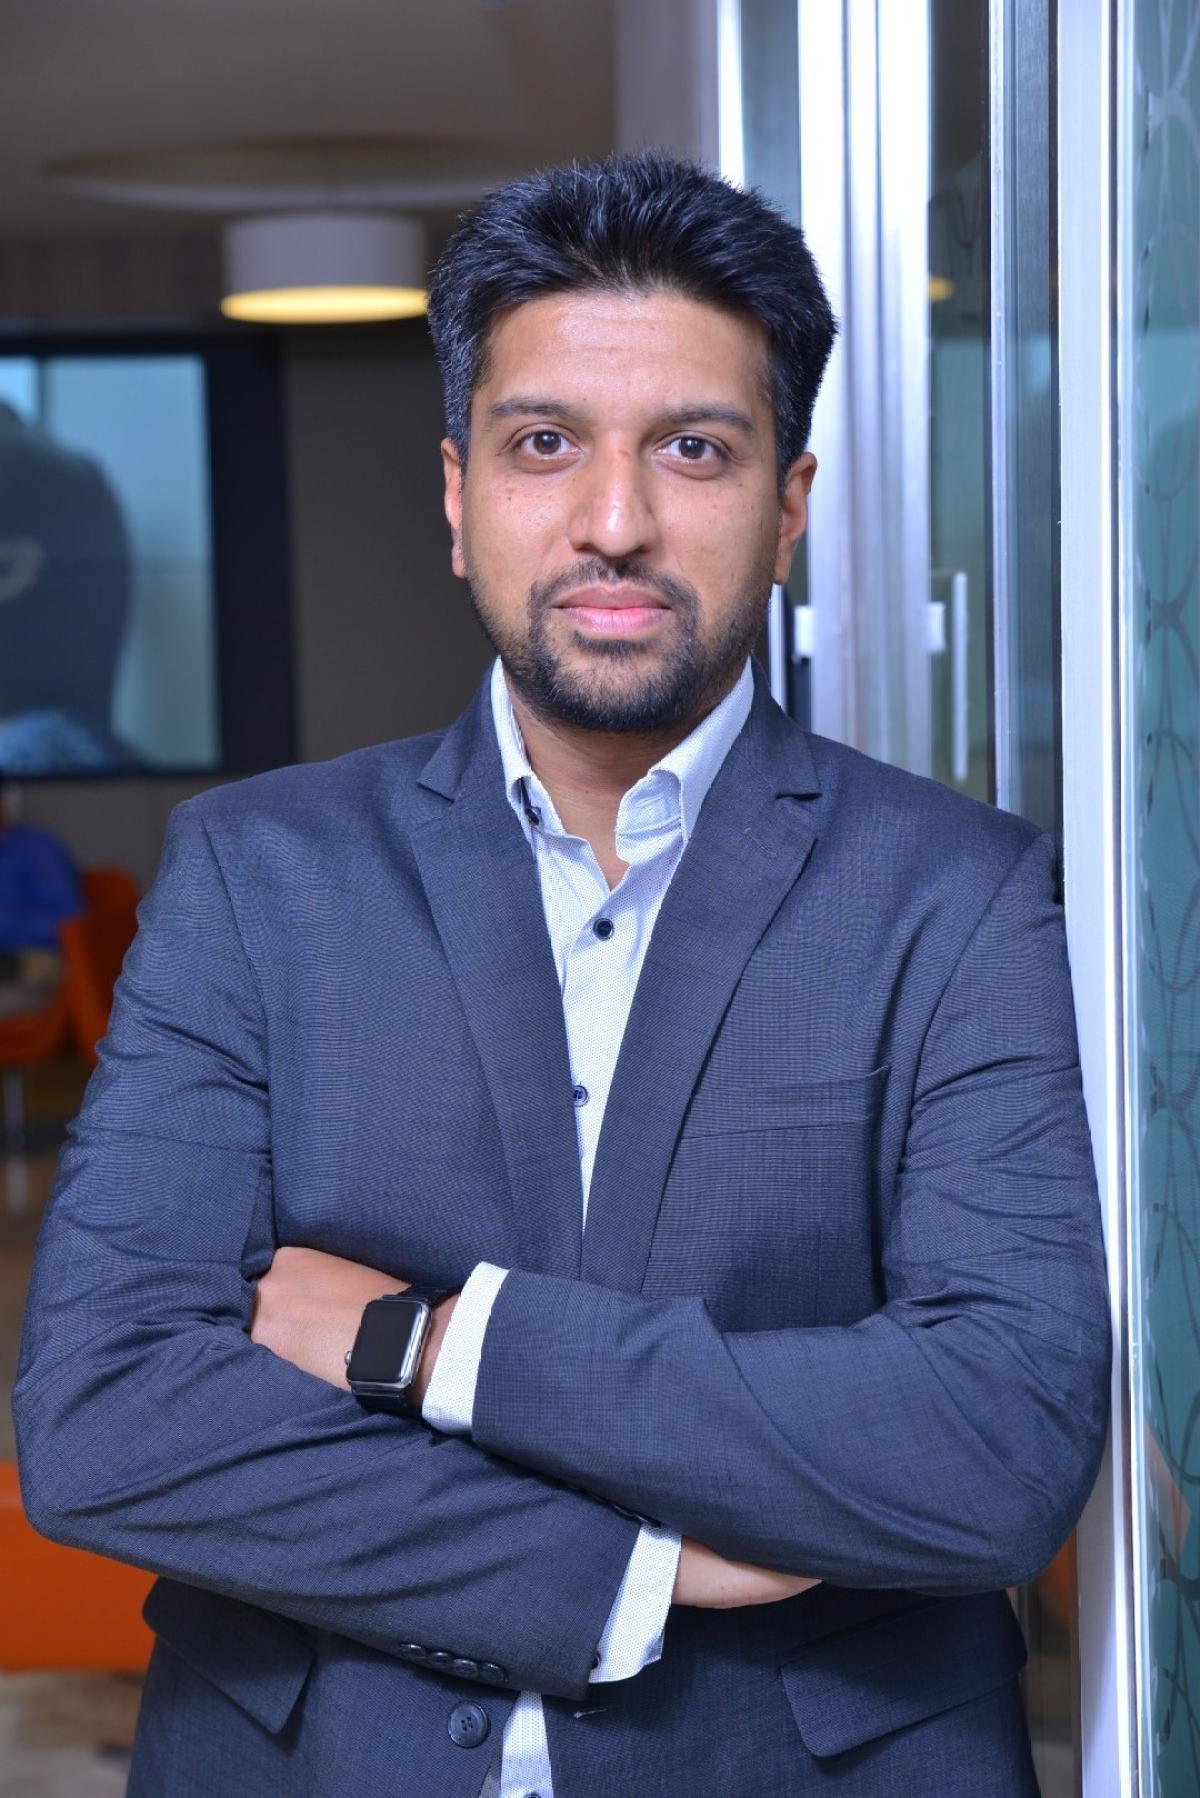 Gaurav Verma, CMO- Branding, Zomato.